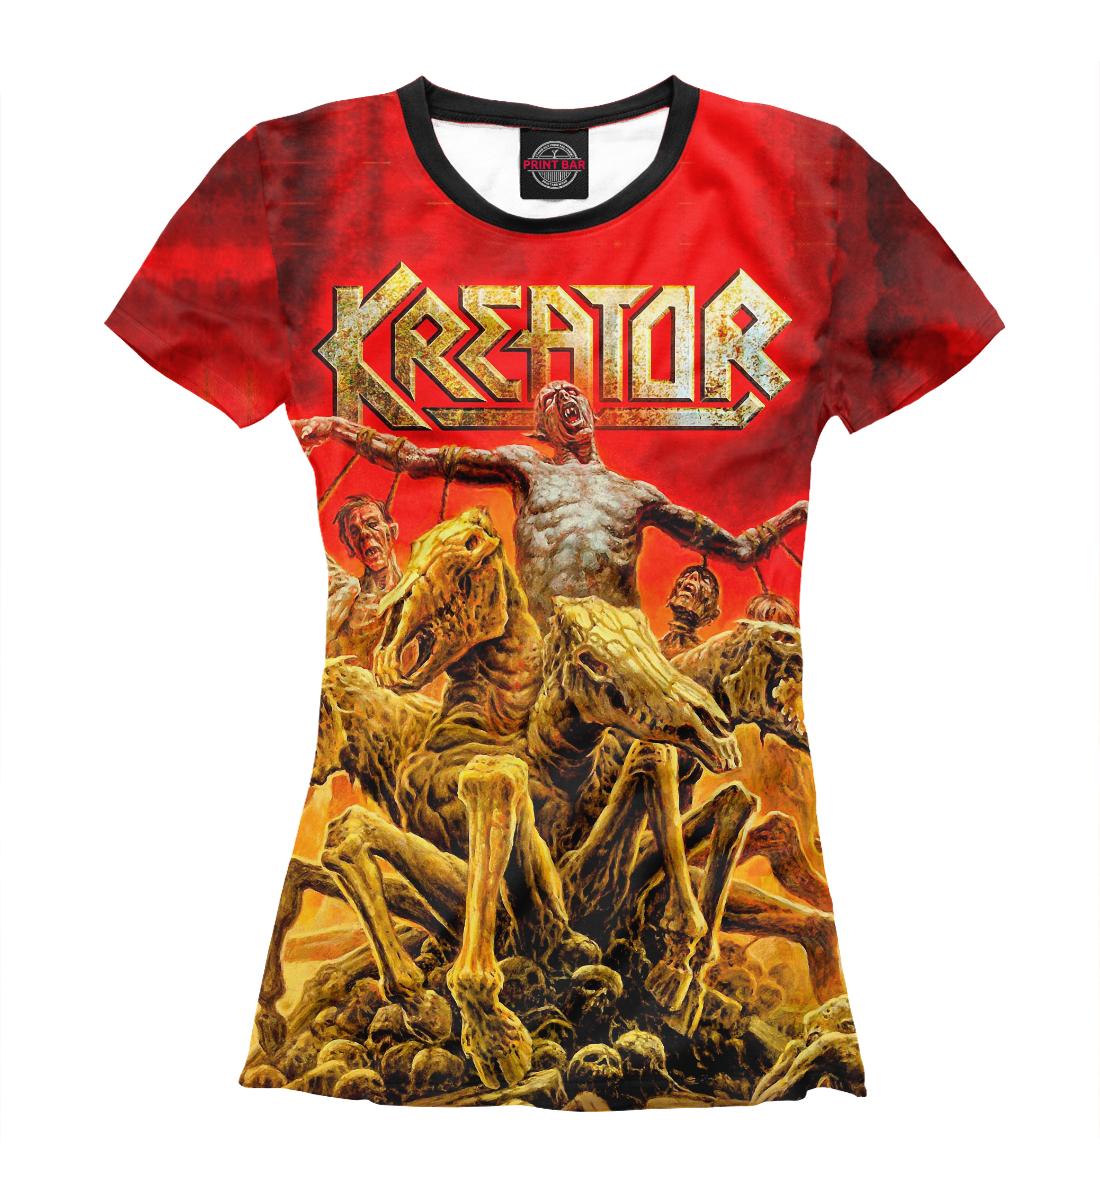 Купить Kreator, Printbar, Футболки, KRE-543118-fut-1